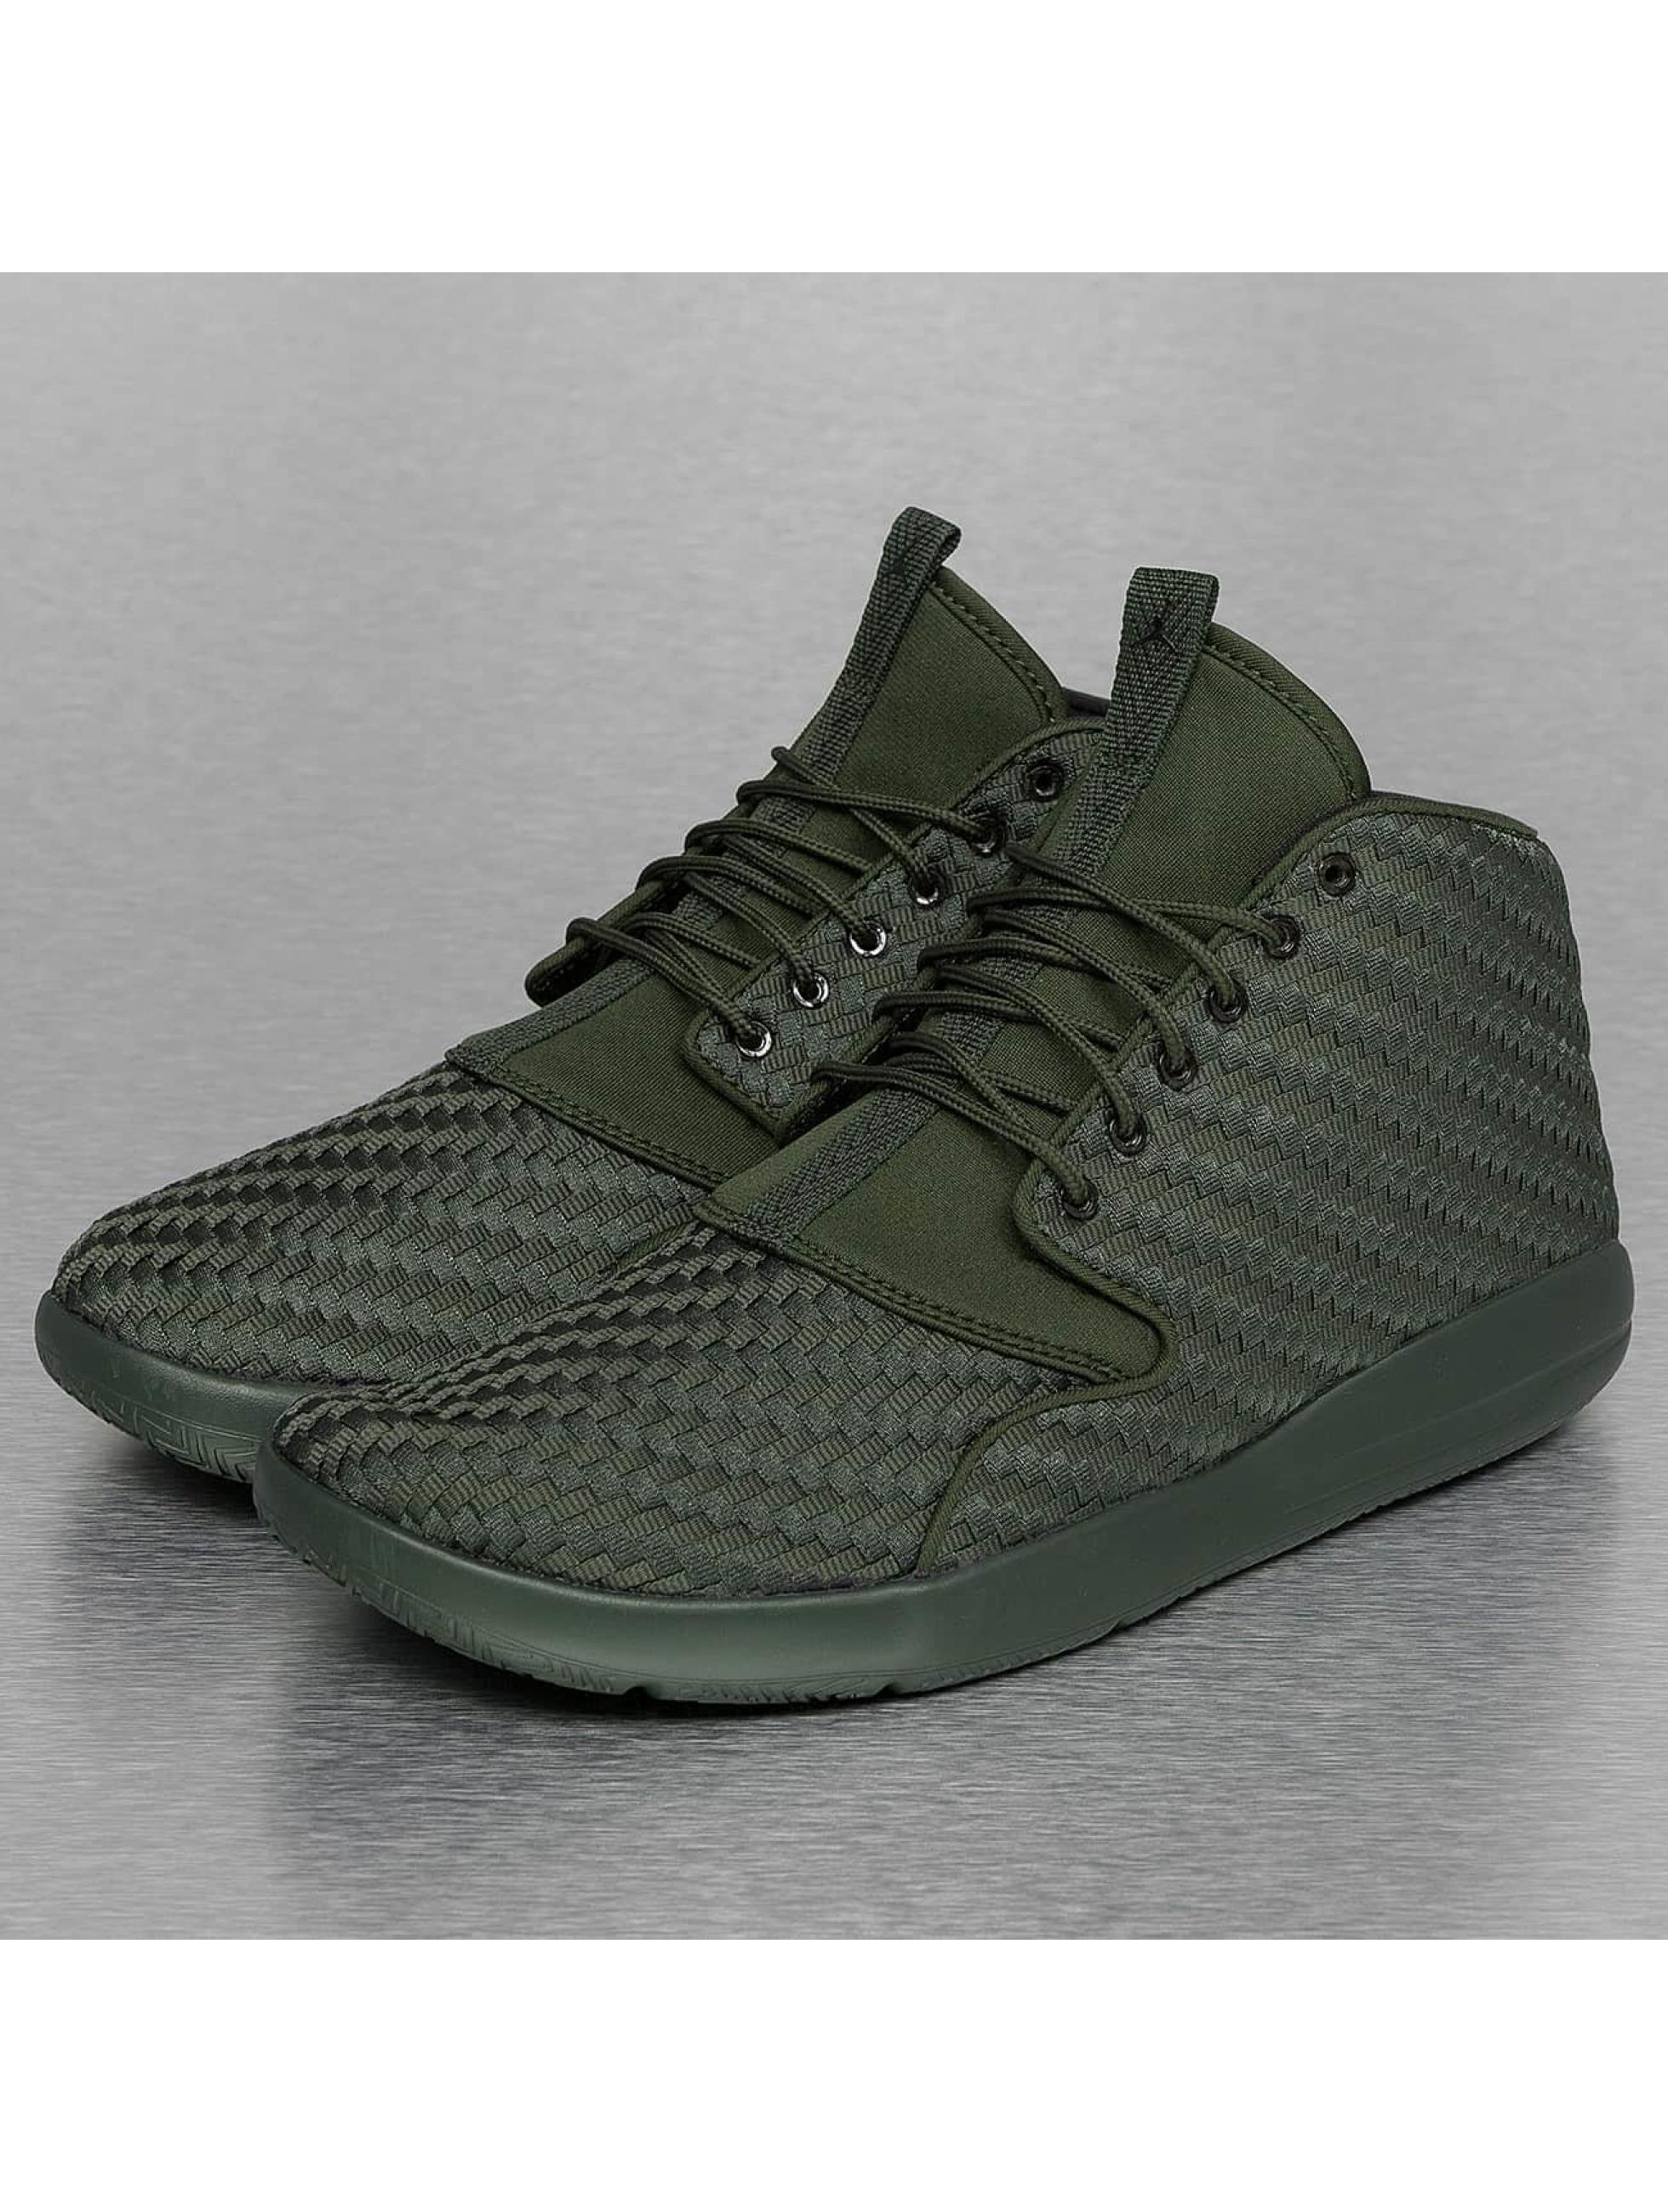 online retailer 76e7f 0e474 Jordan Chaussures   Baskets Eclipse Chukka en olive 295517 XetFf7DJ